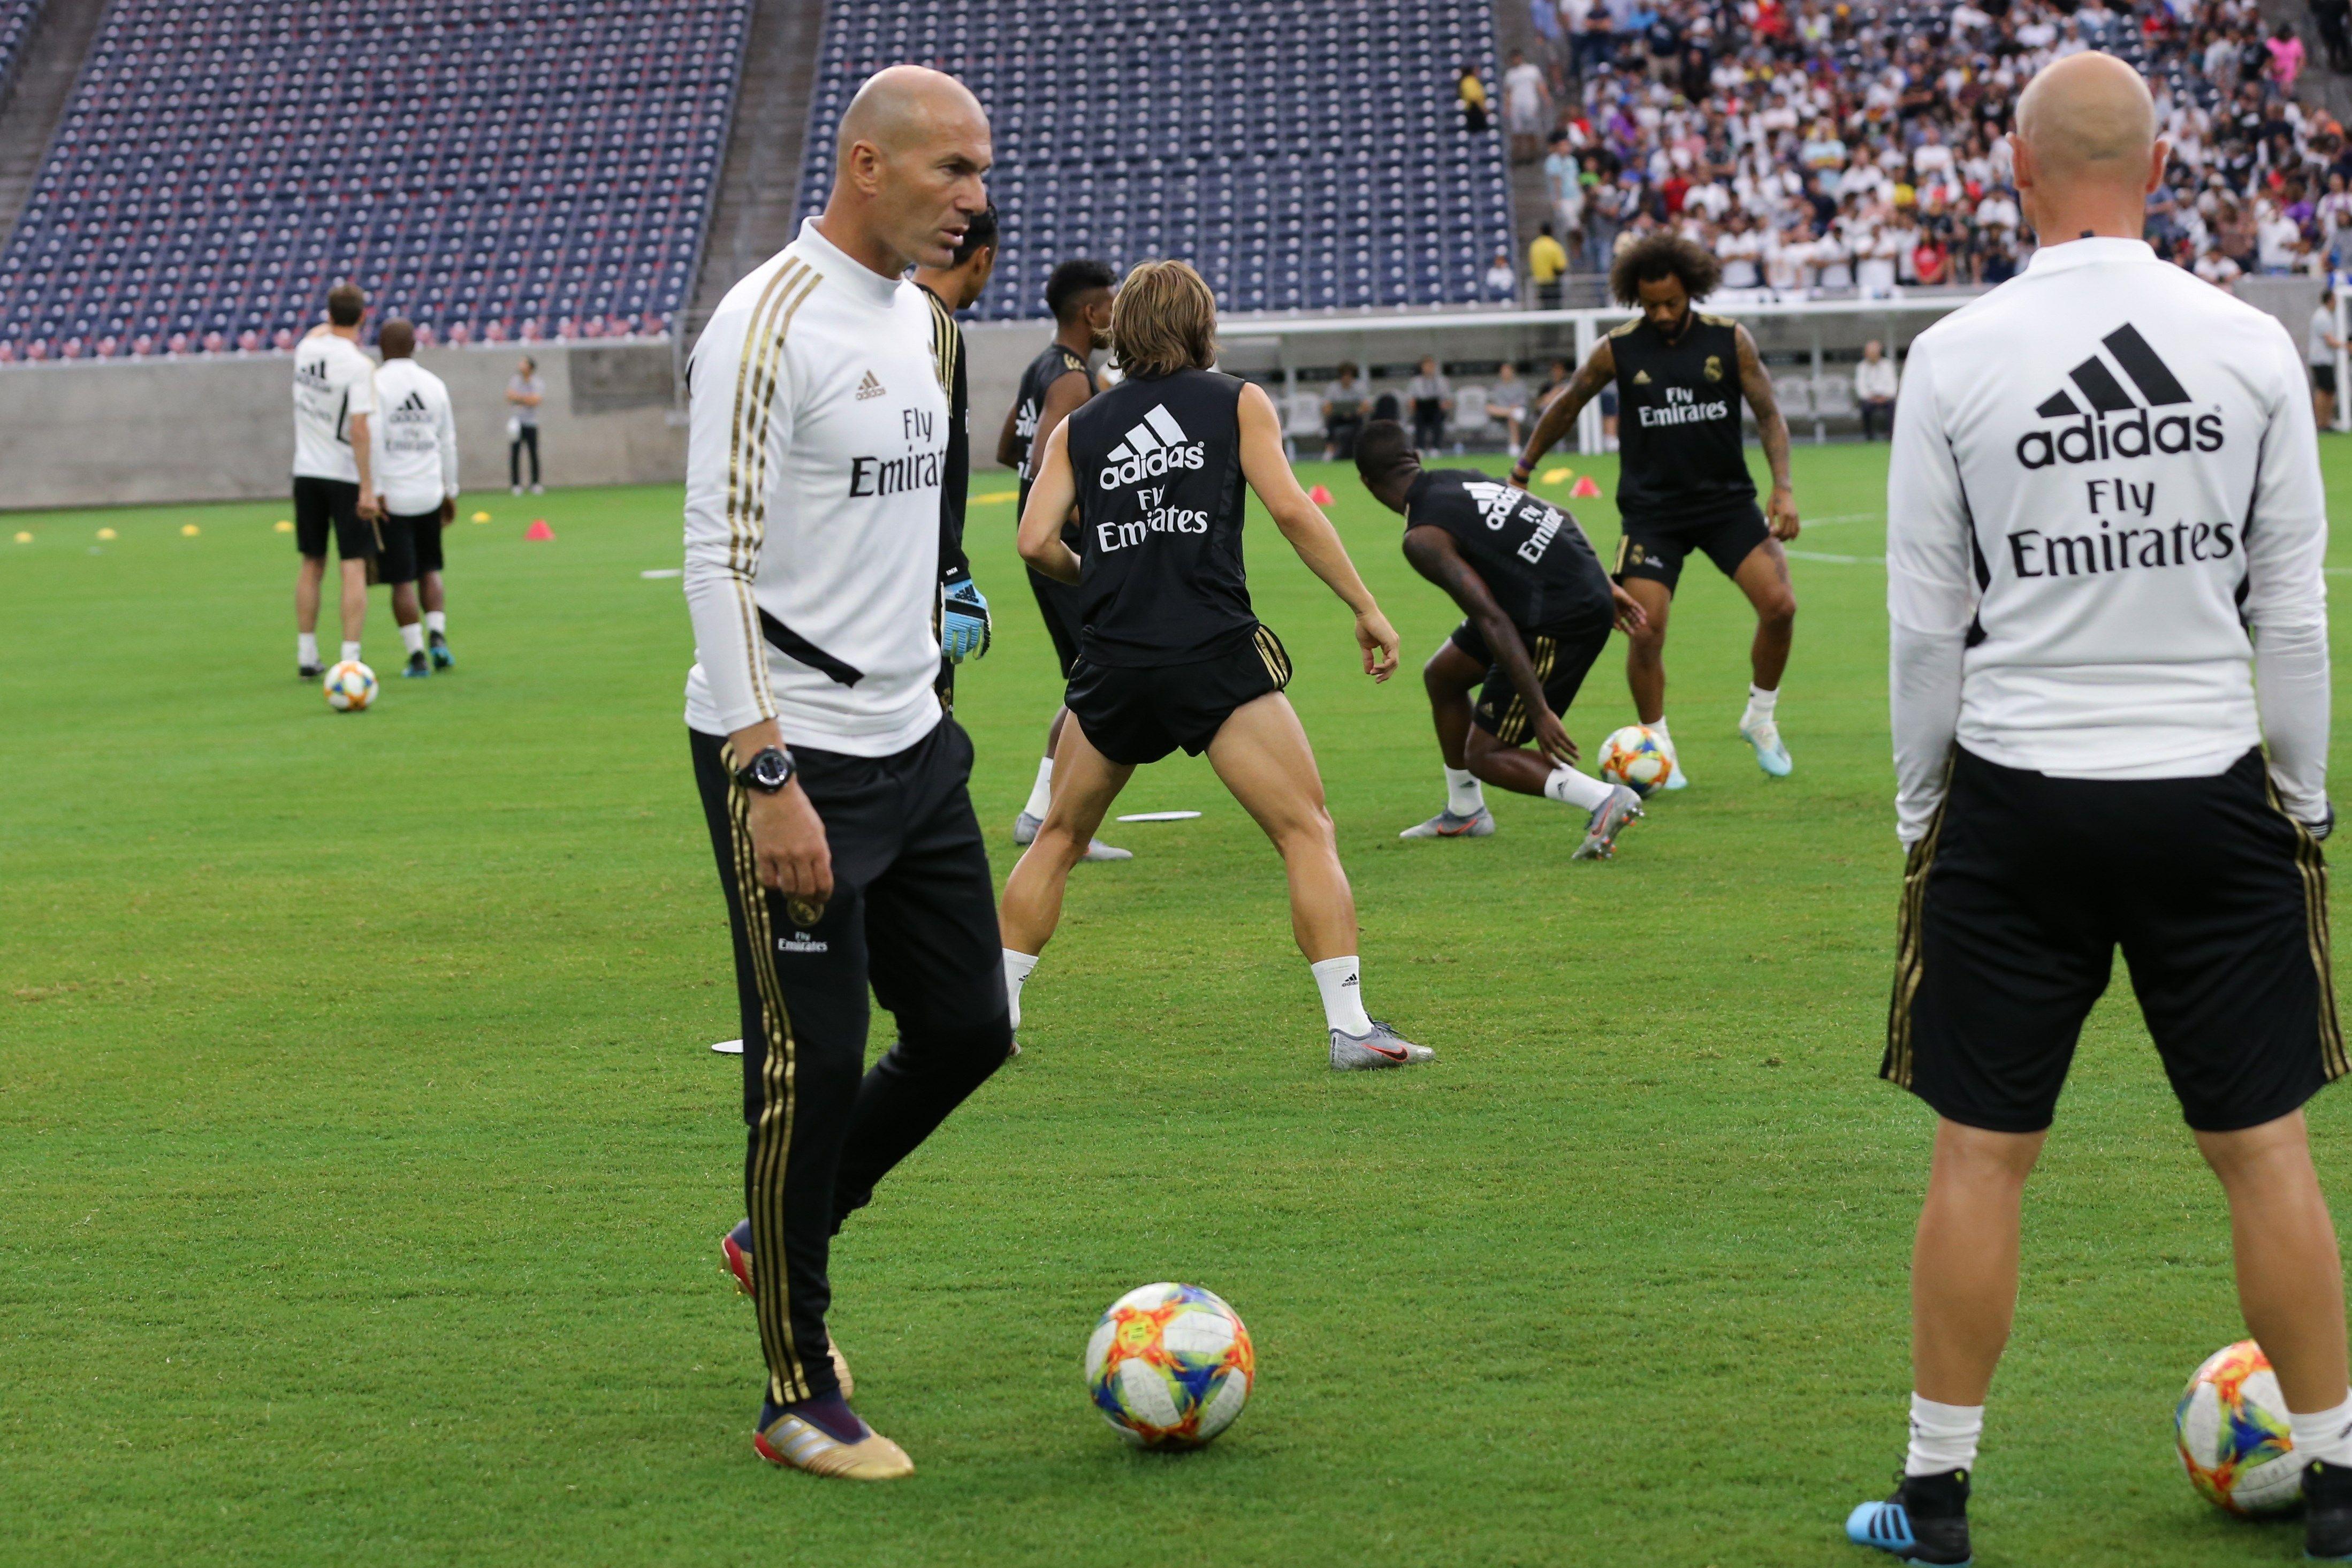 Zidane Reial Madrid pretemporada EFE